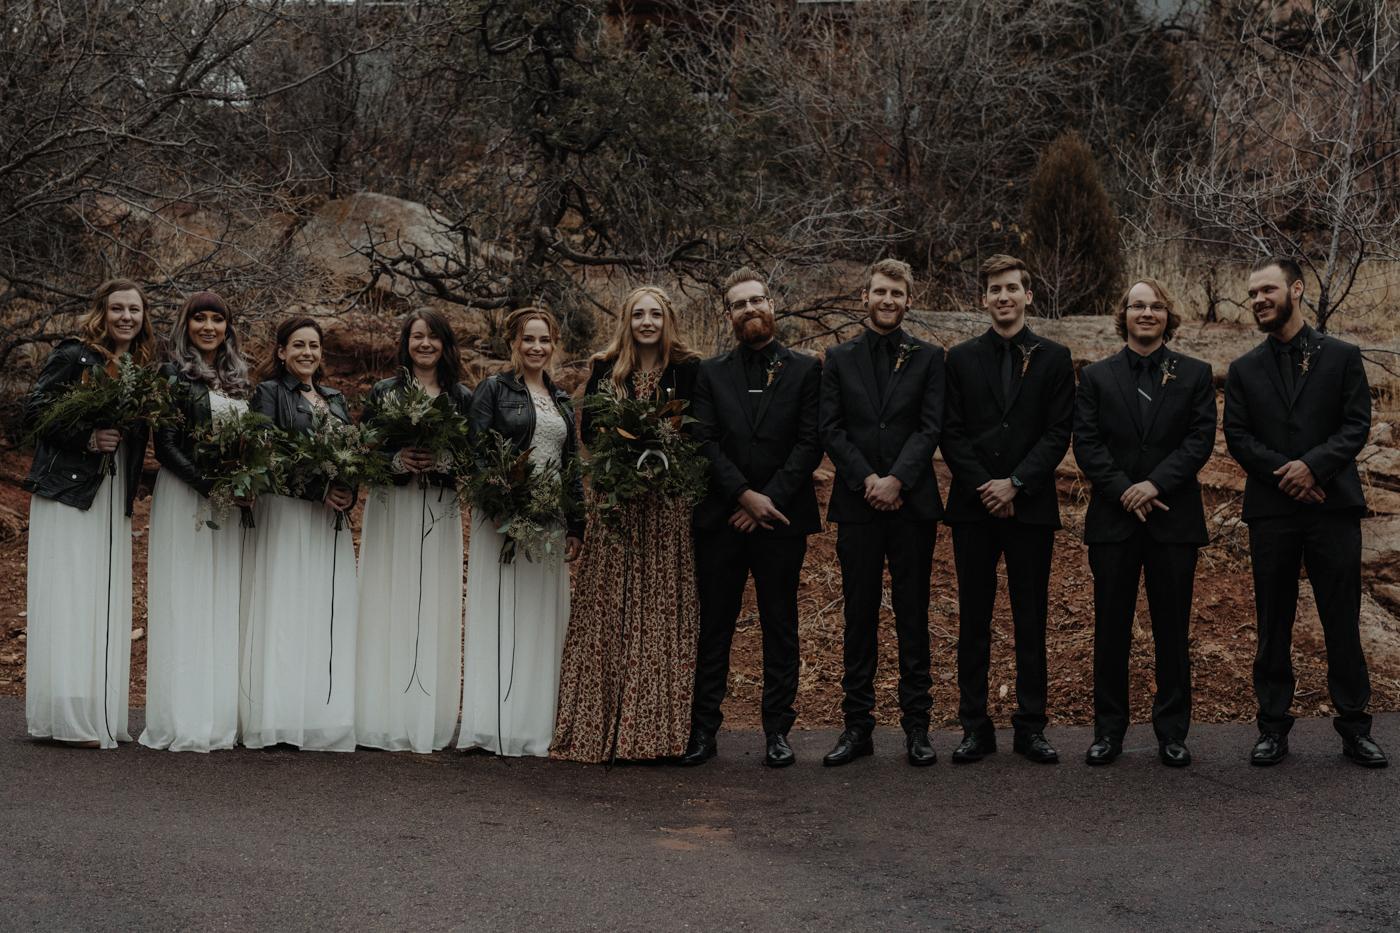 garden-of-the-gods-winter-wedding-jones-max-66.jpg